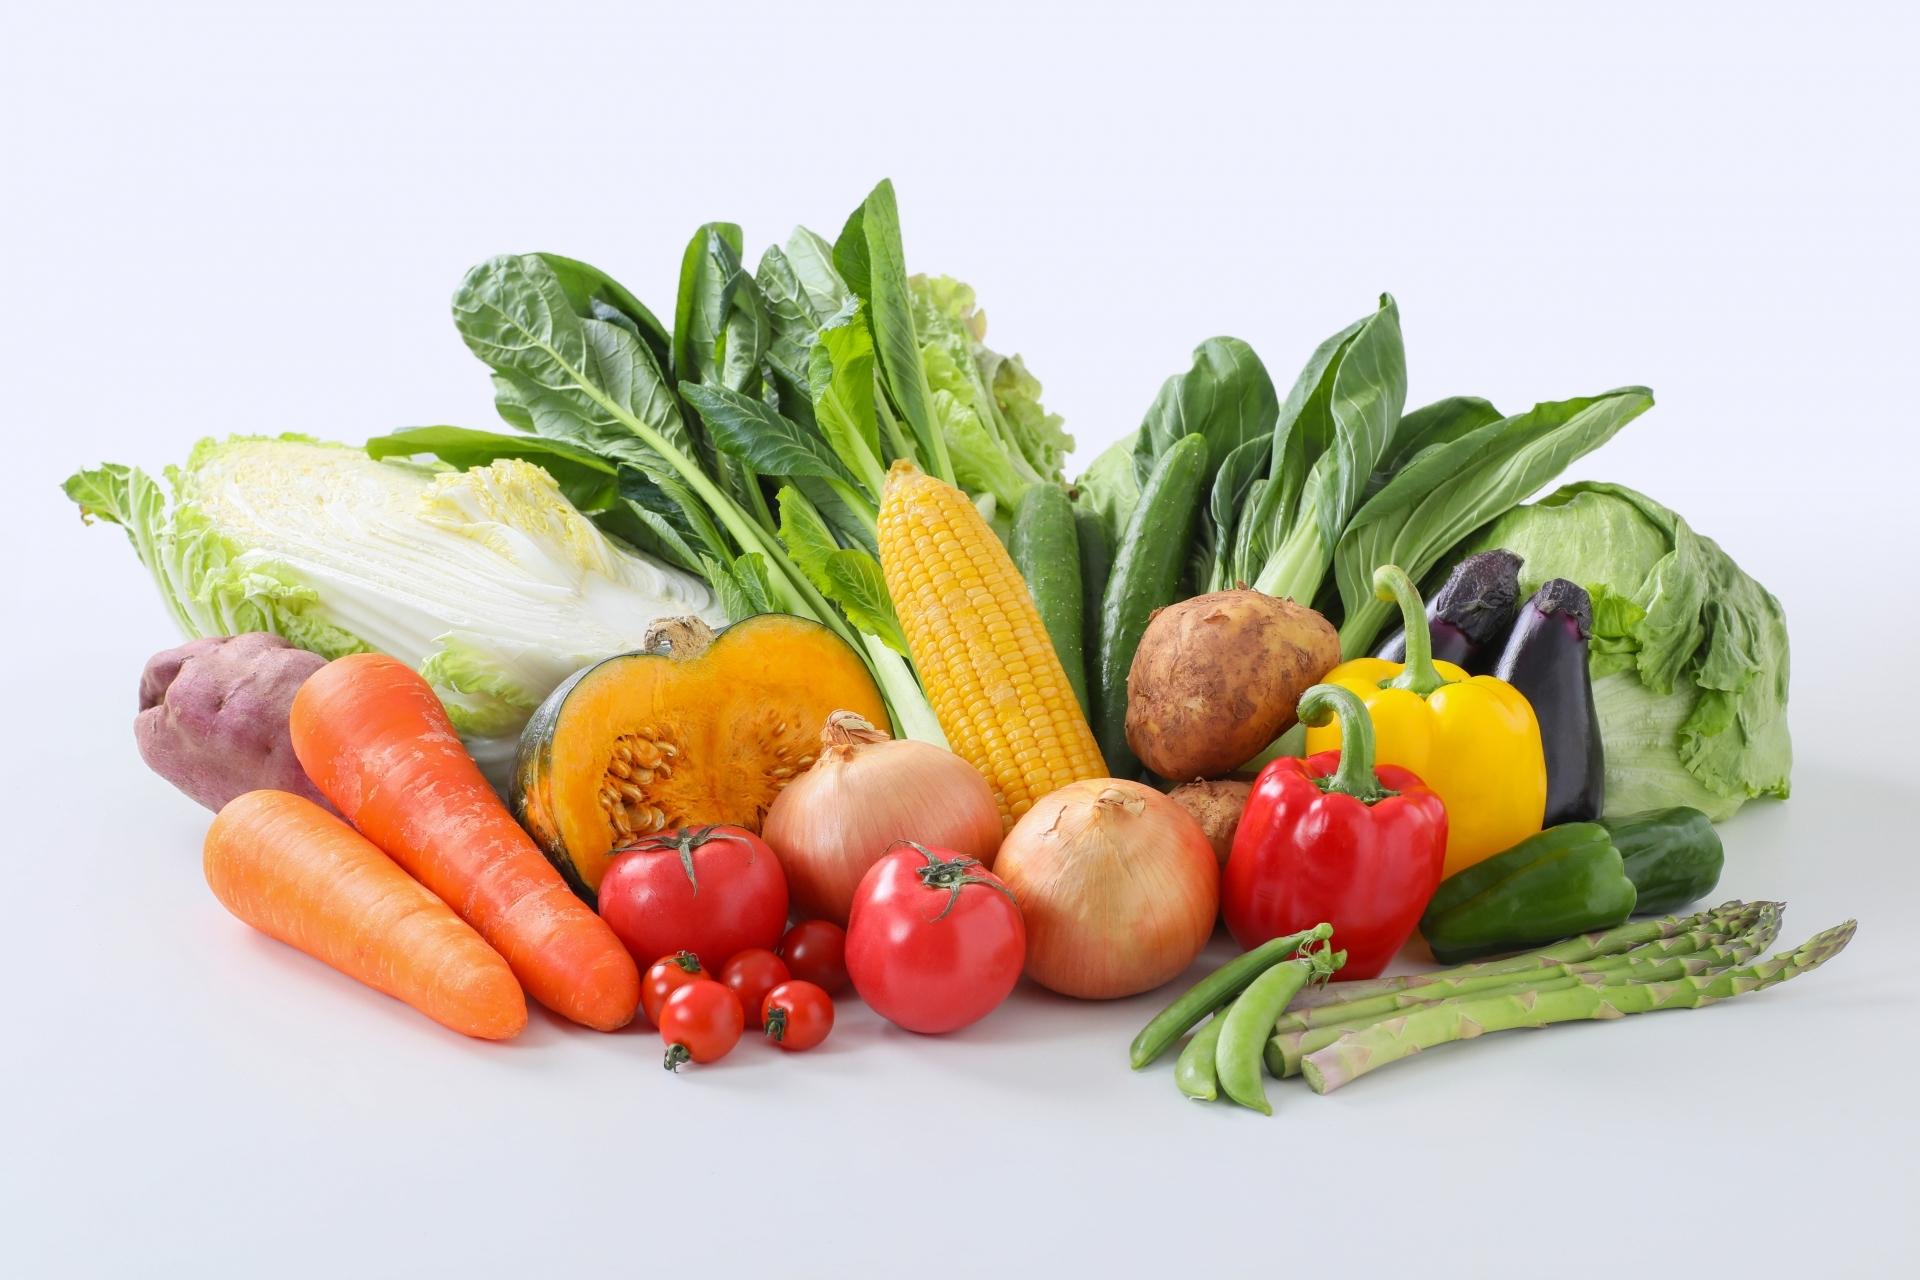 太るには野菜もたべよう